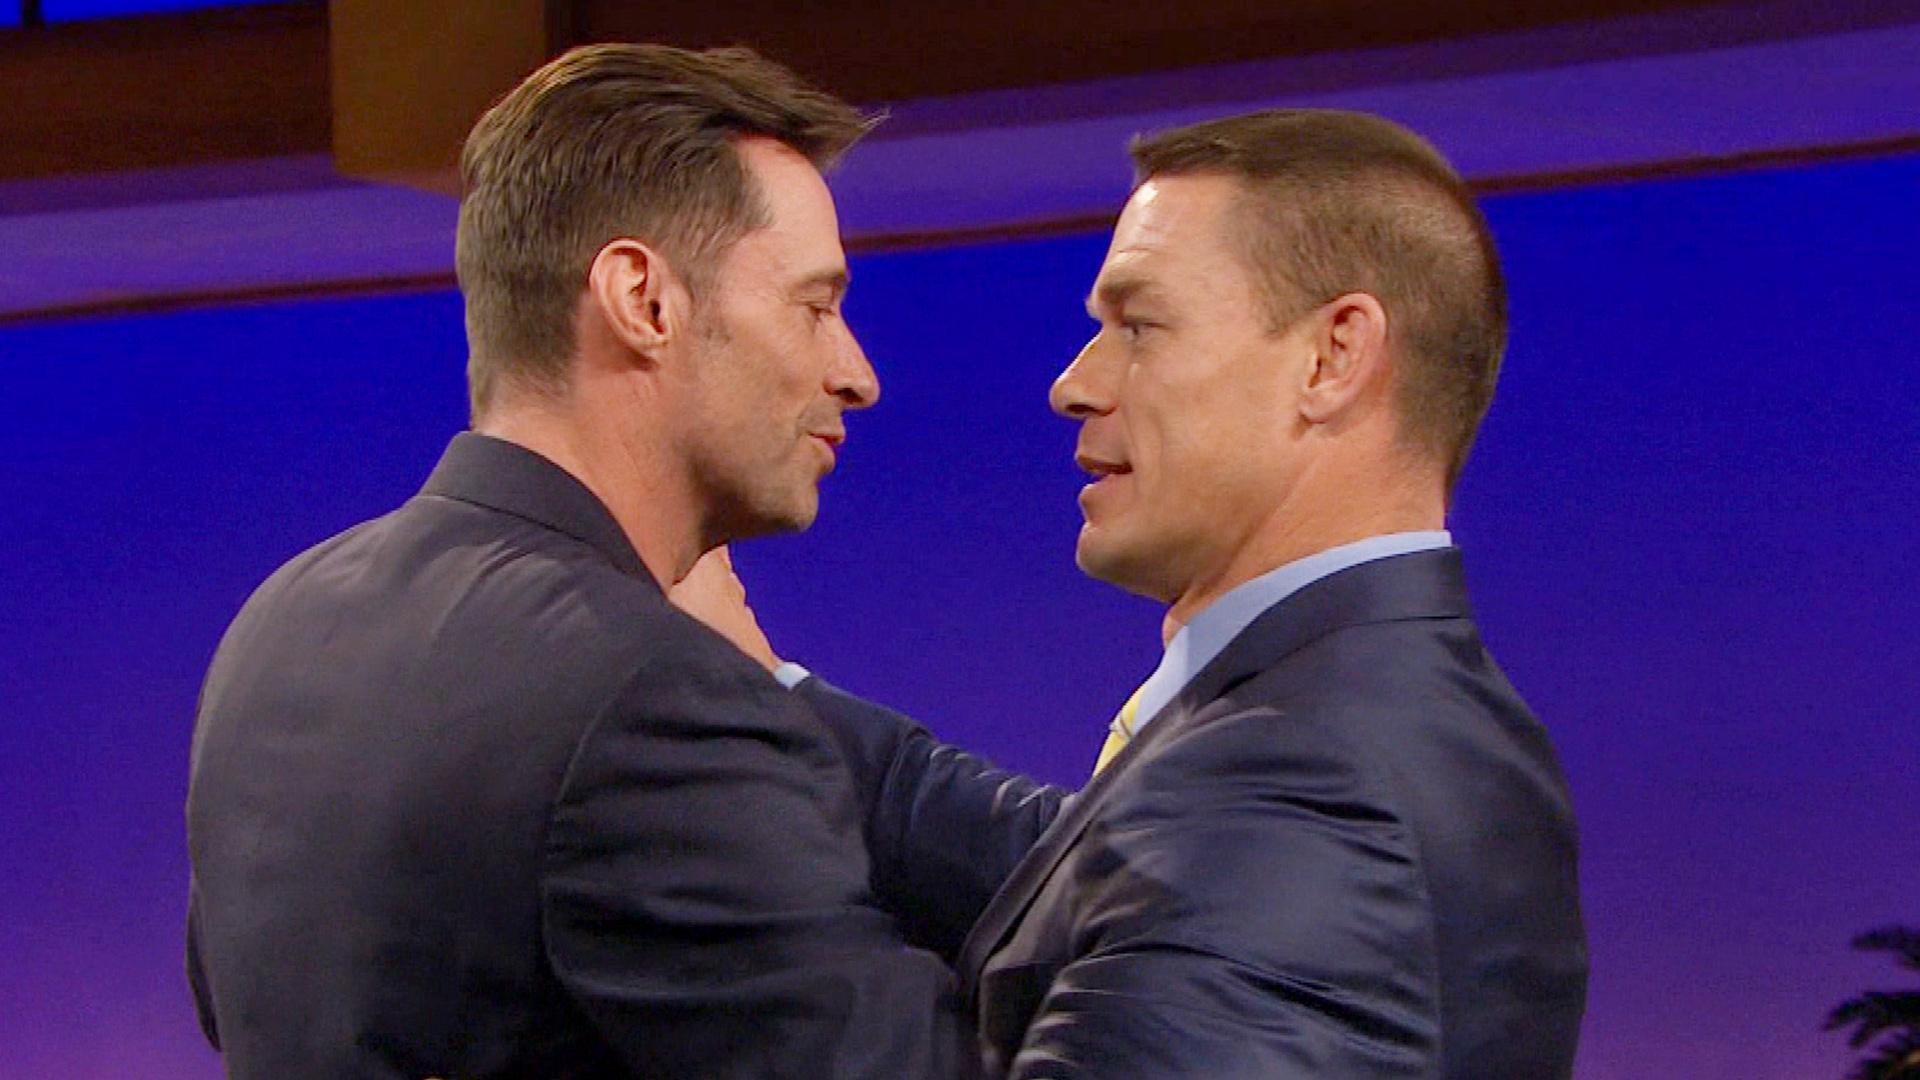 İzleyin: John Cena ve Hugh Jackman'ın Ateşli Dansı!